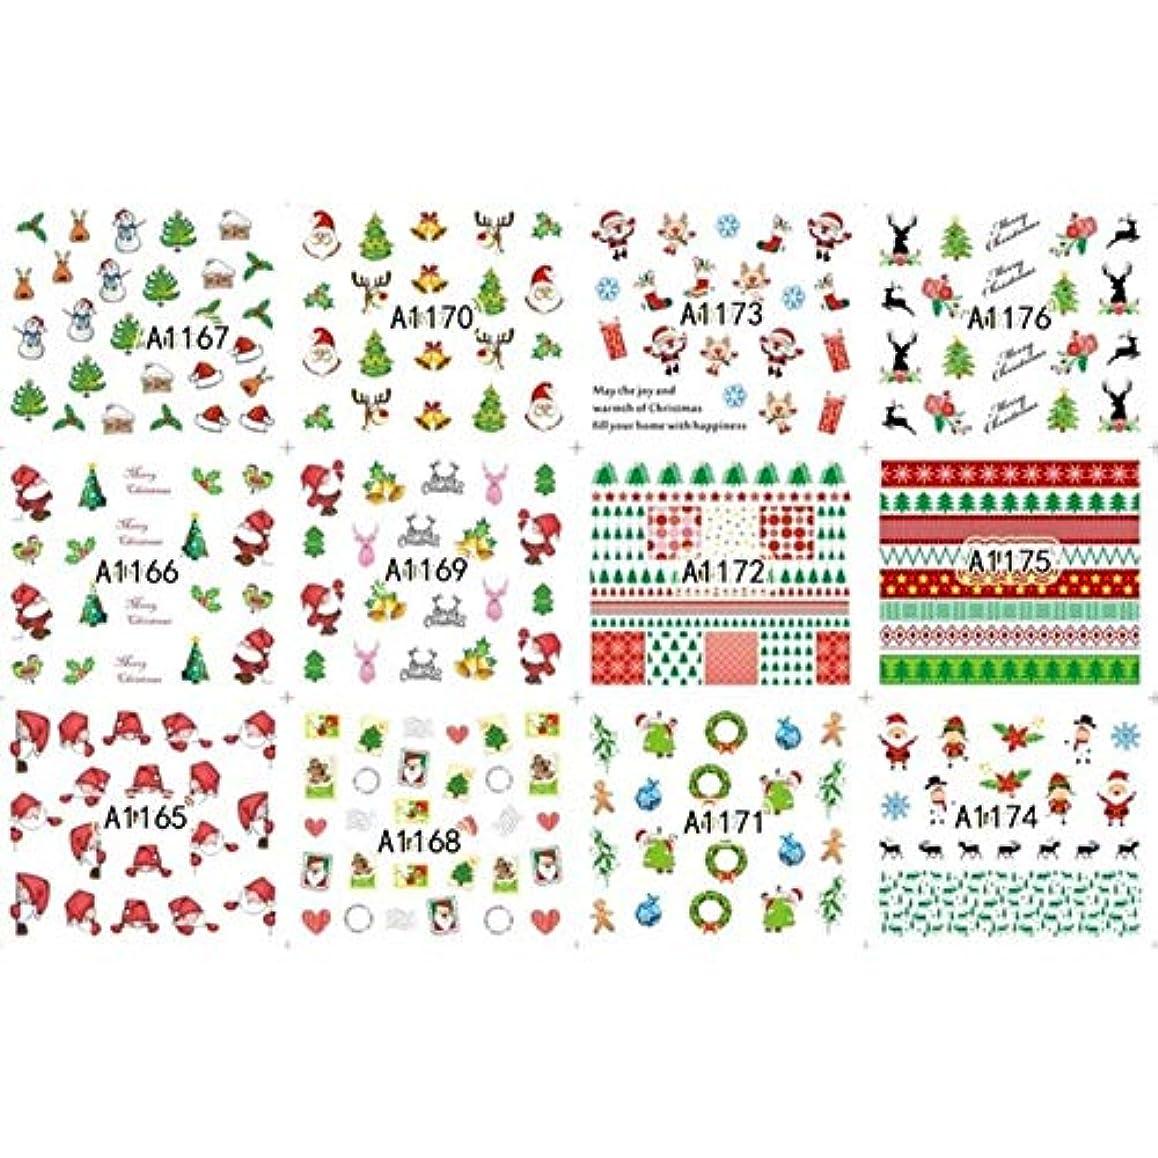 12枚美容ハロウィンクリスマス水転写ネイルアートステッカーデカールネイルデコレーションマニキュアツールパンプキンスカルデザイン,8